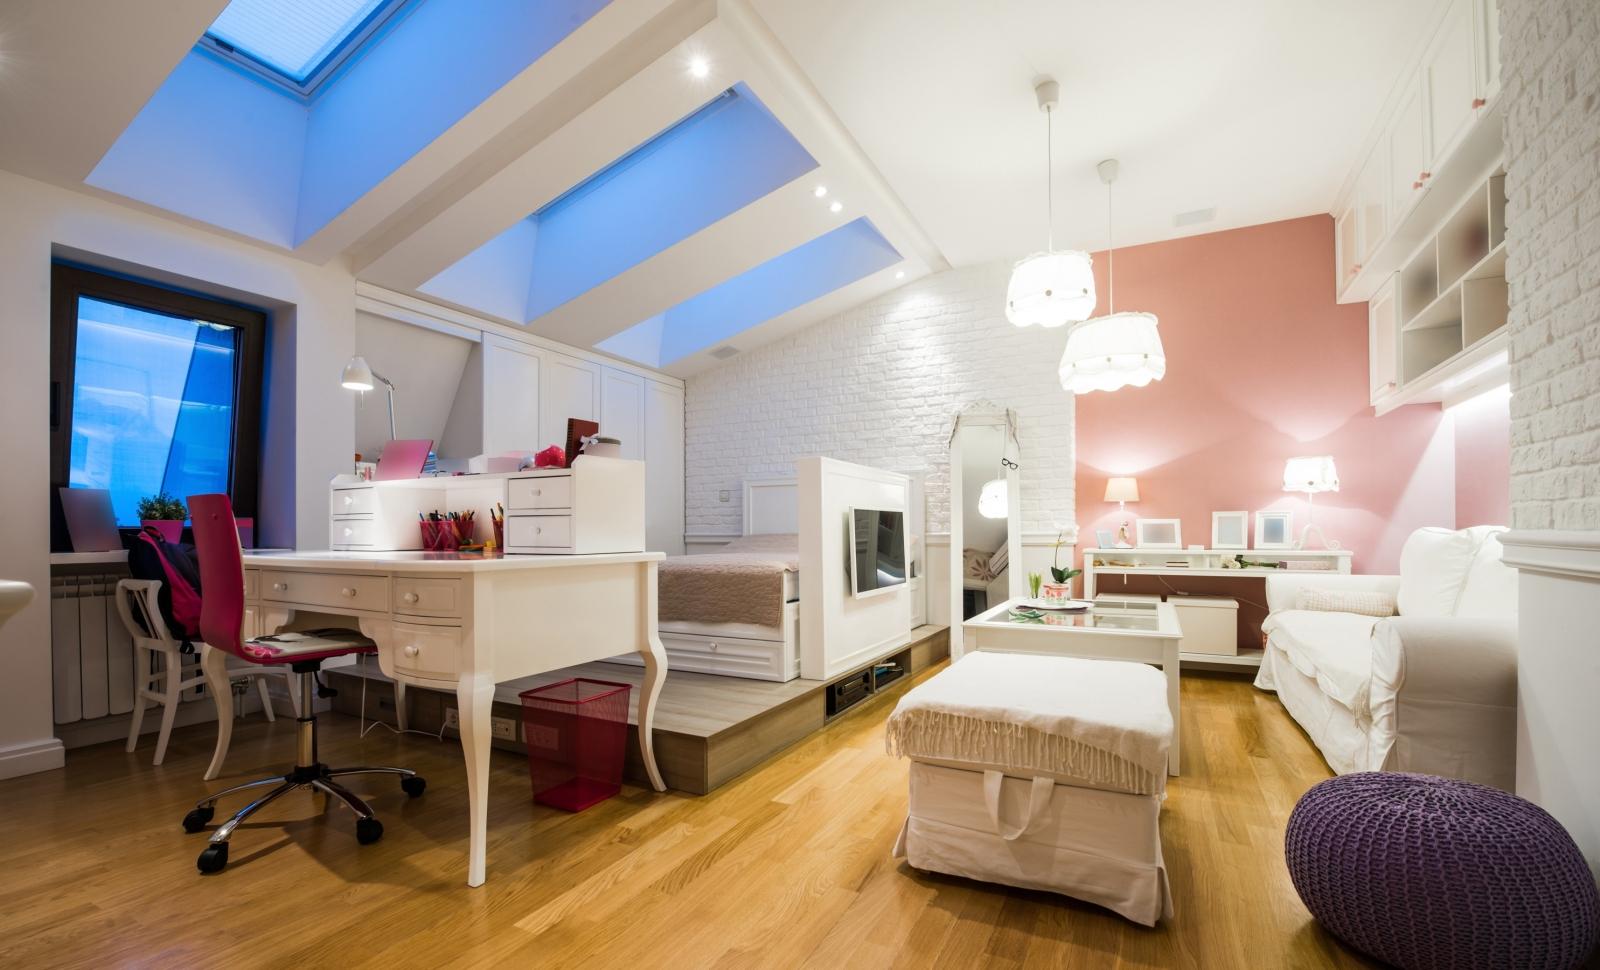 Compact wonen hoe cre er je ruimte for Meubels voor kleine ruimtes